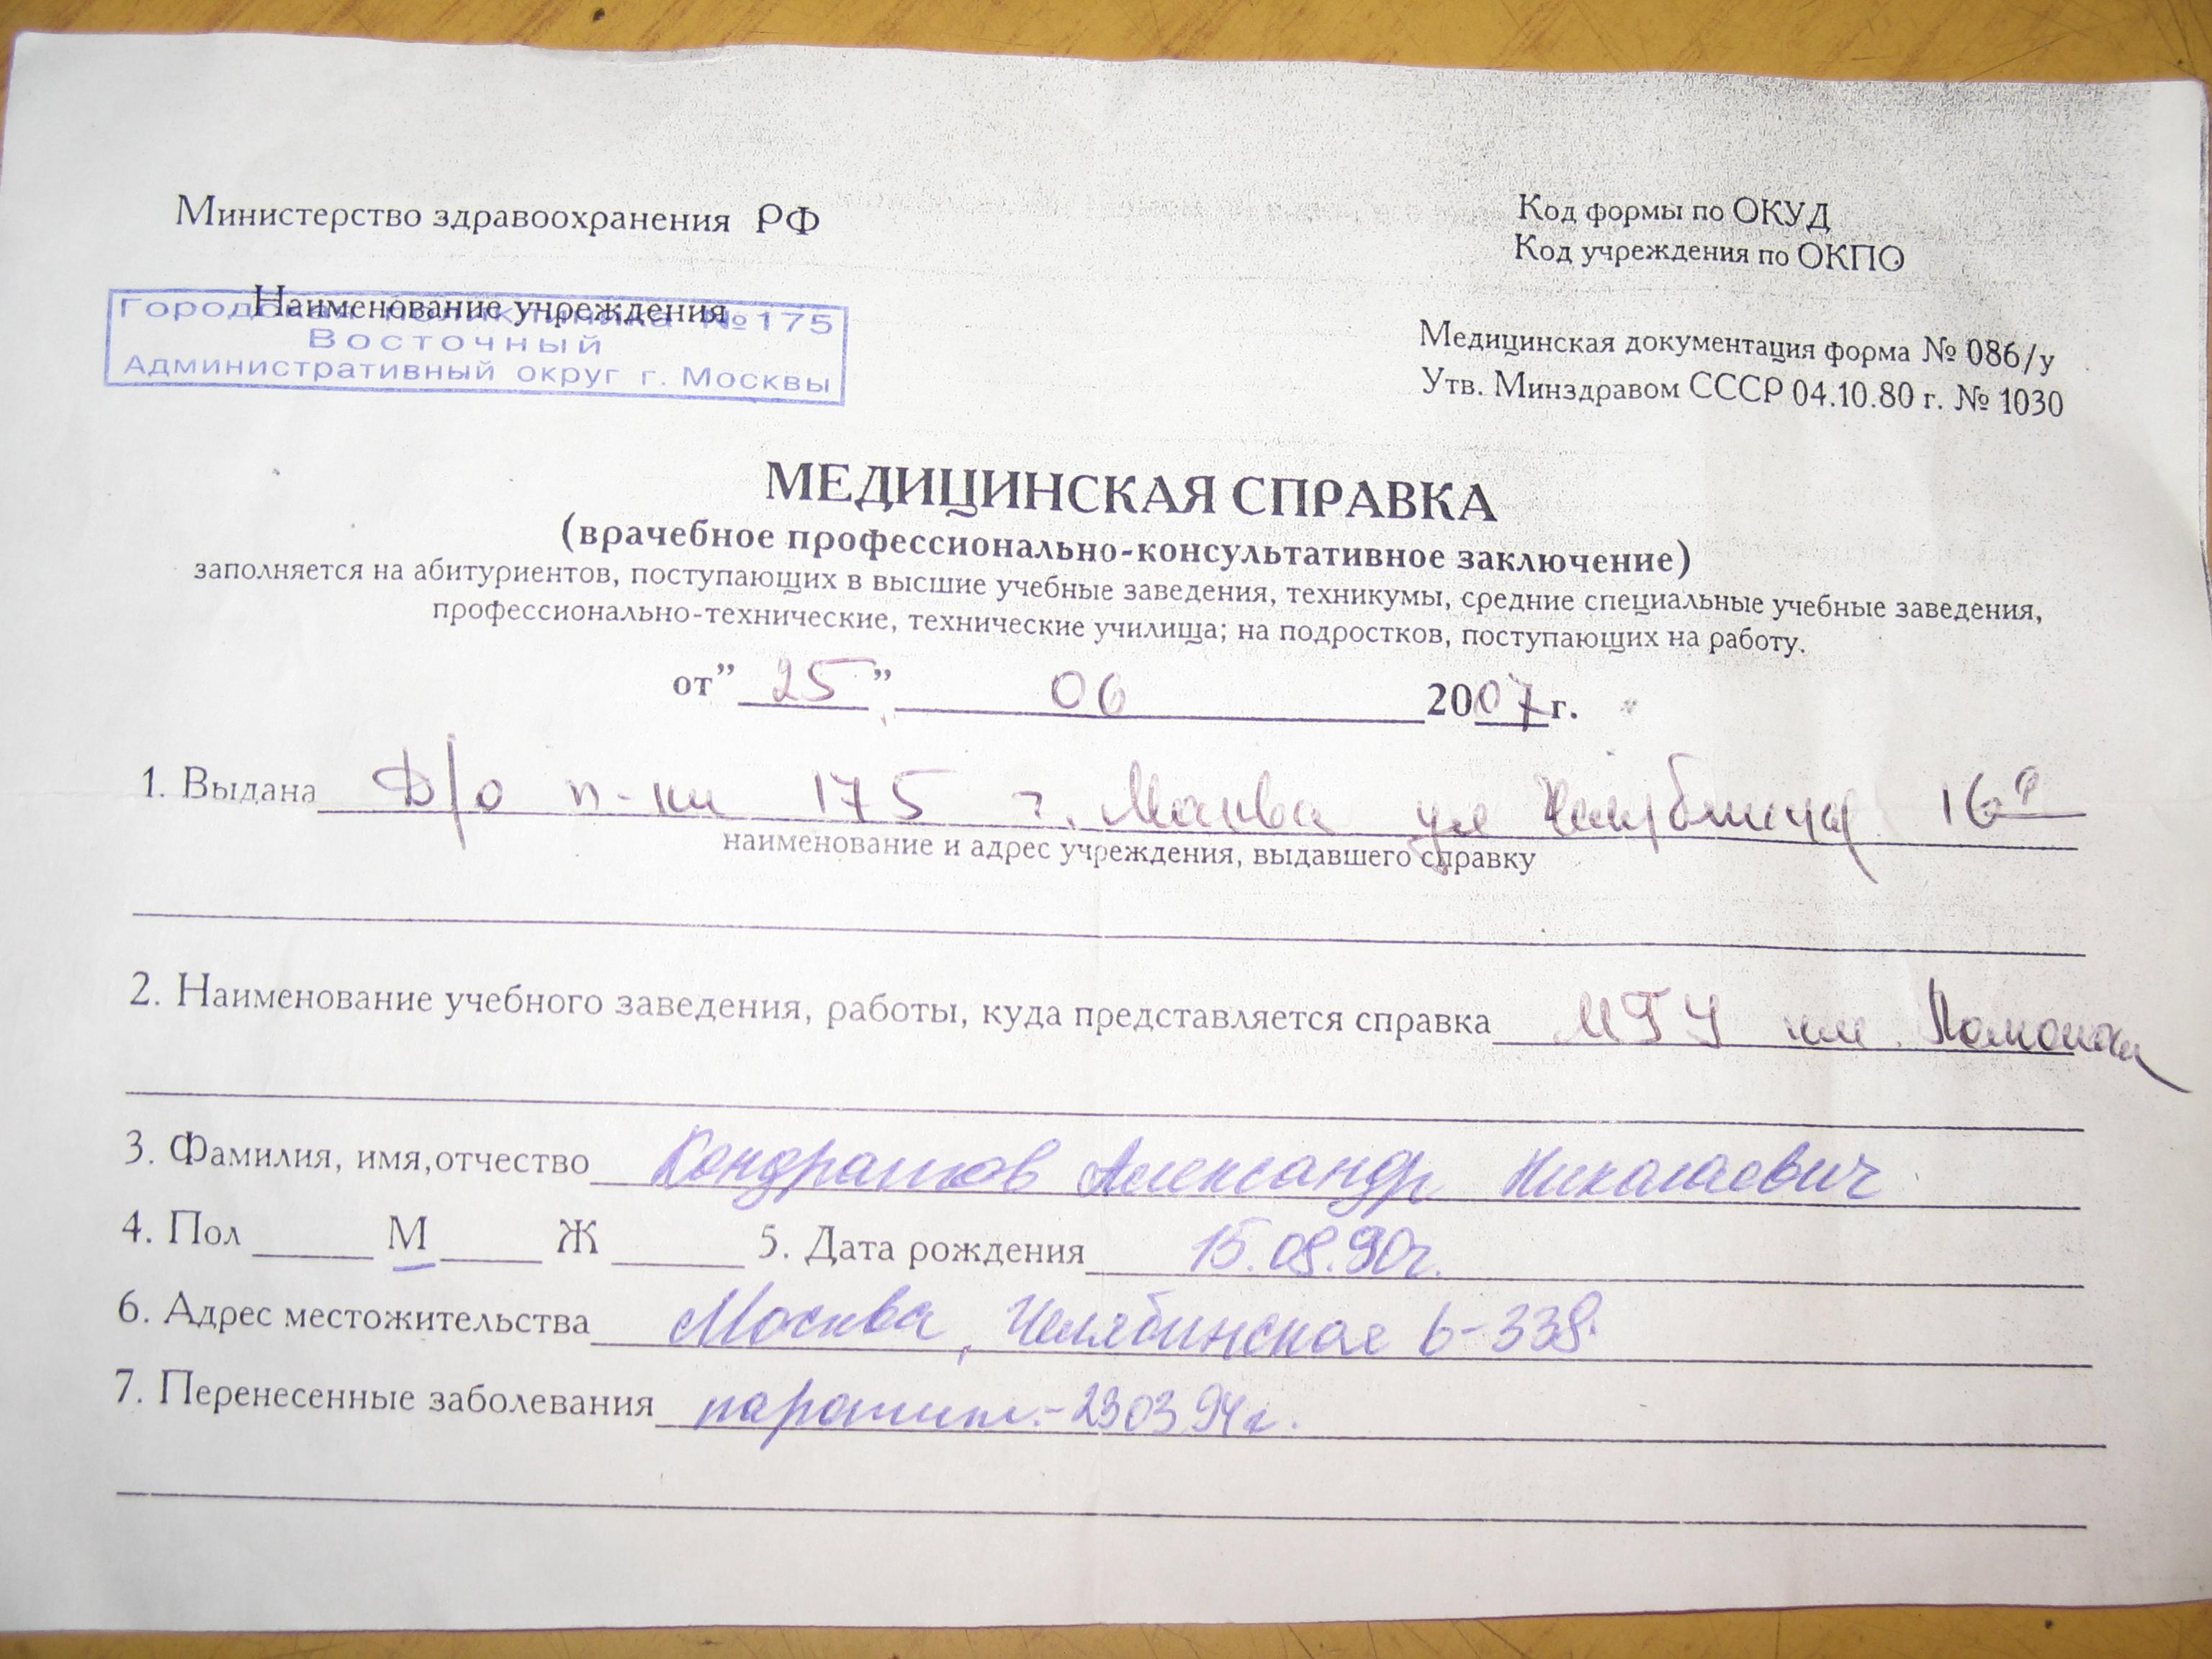 Медицинская справка, оформленная по форме 086/у